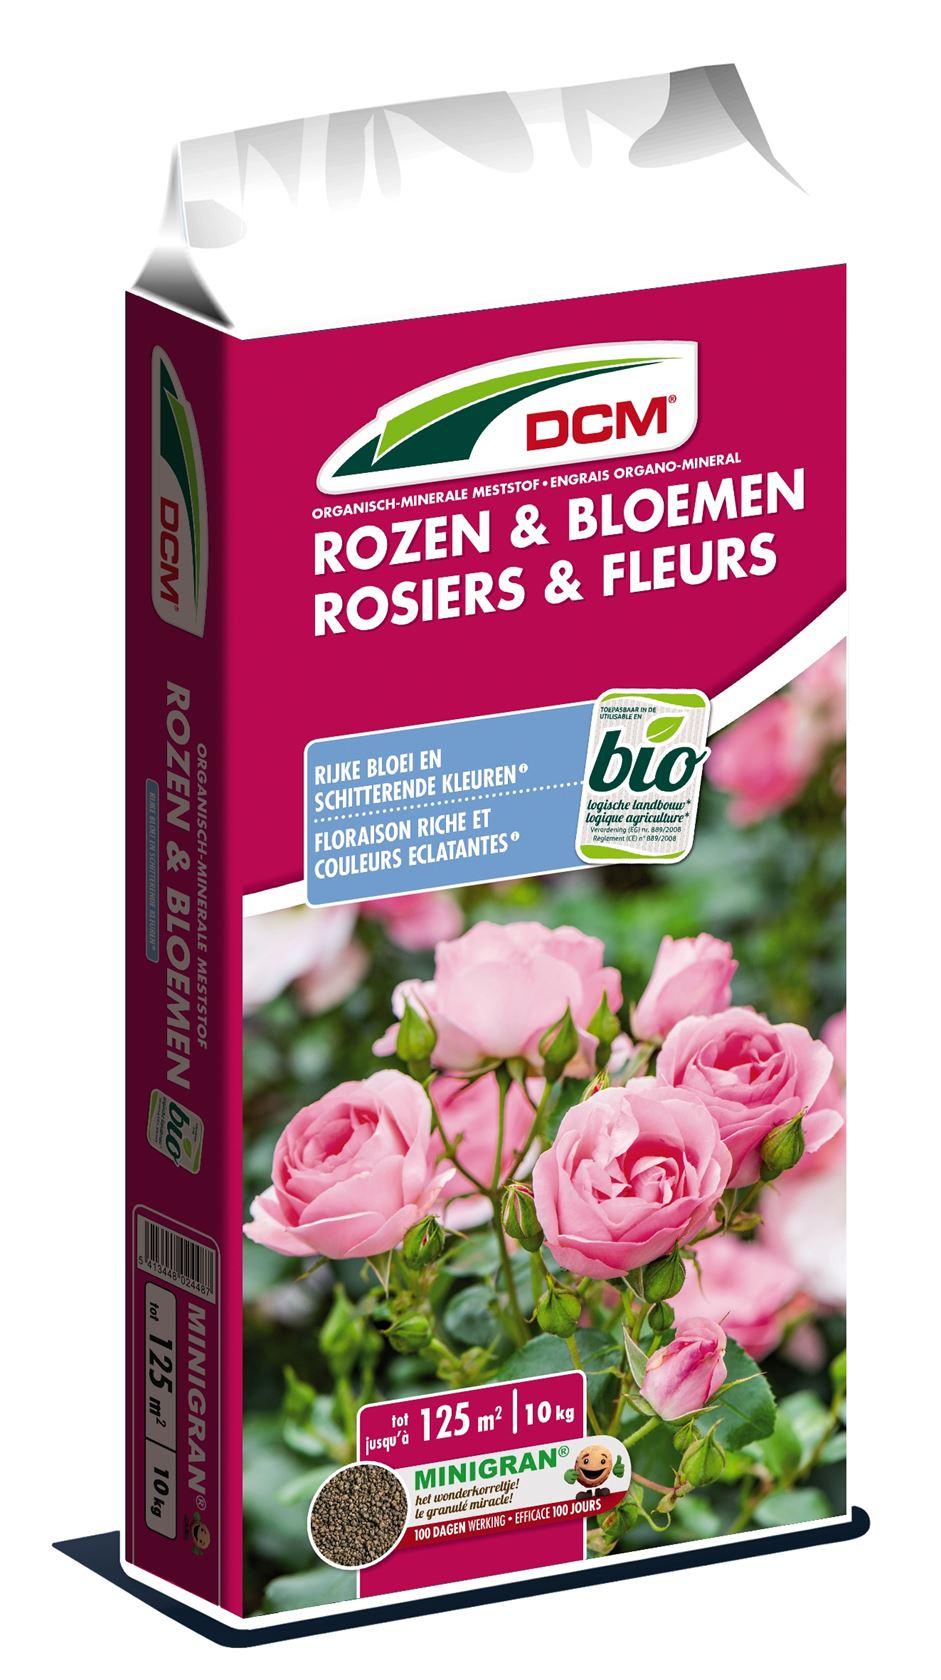 Meststof-rozen-bloemen-10kg-Bio-NPK-6-4-10-2MgO